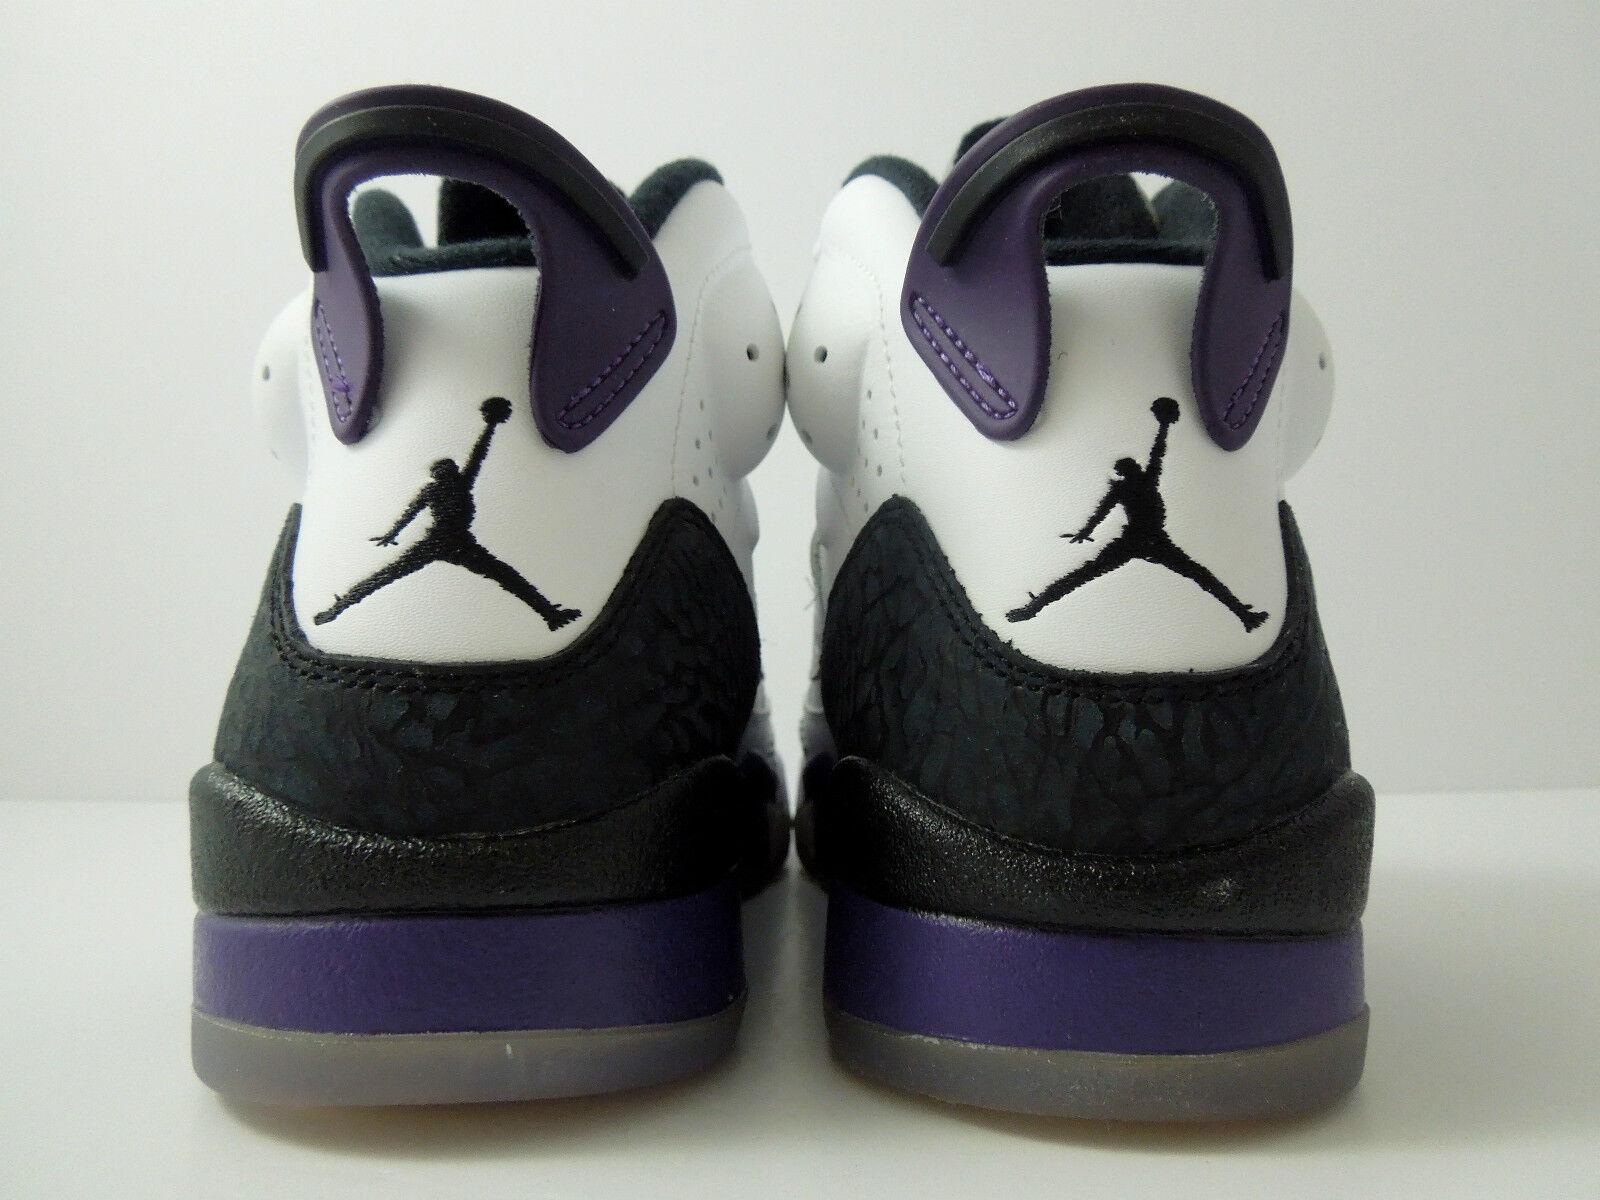 Nike air jordan, jordan, air sohn des mars Weiß-club purple-Grau-schwarz sz 7.5 [512245-106] ba3a1a